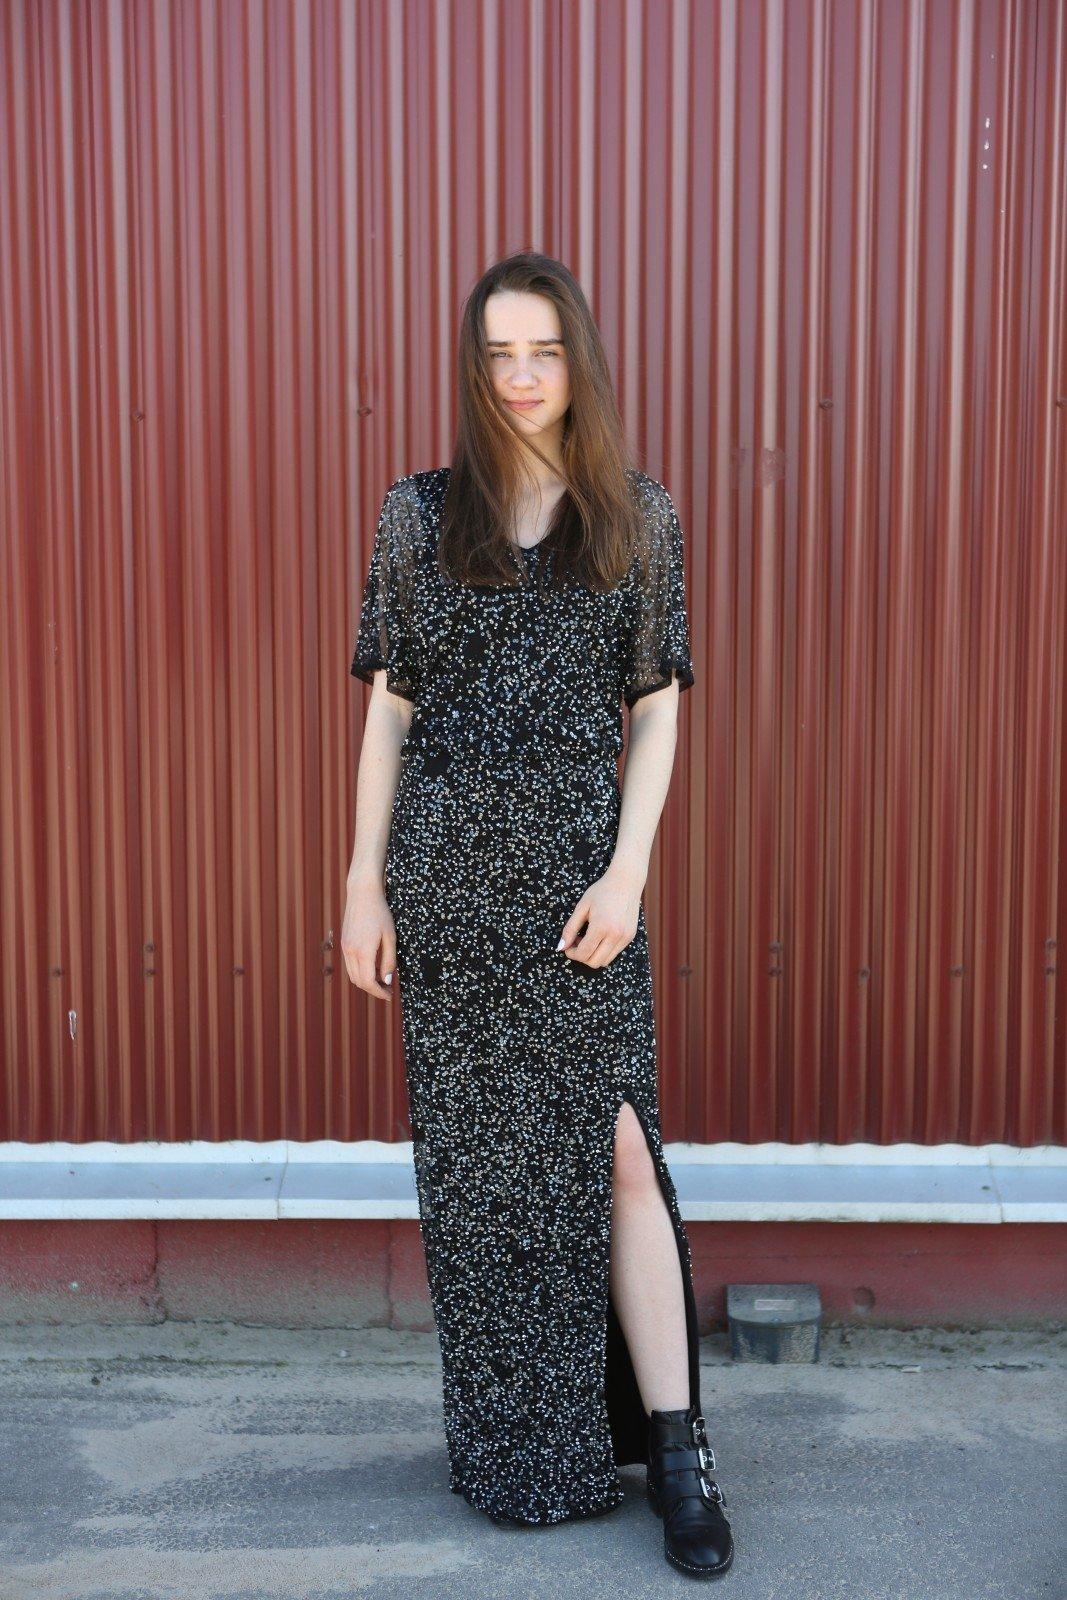 Suknelė su žvyneliais – 2 eurai